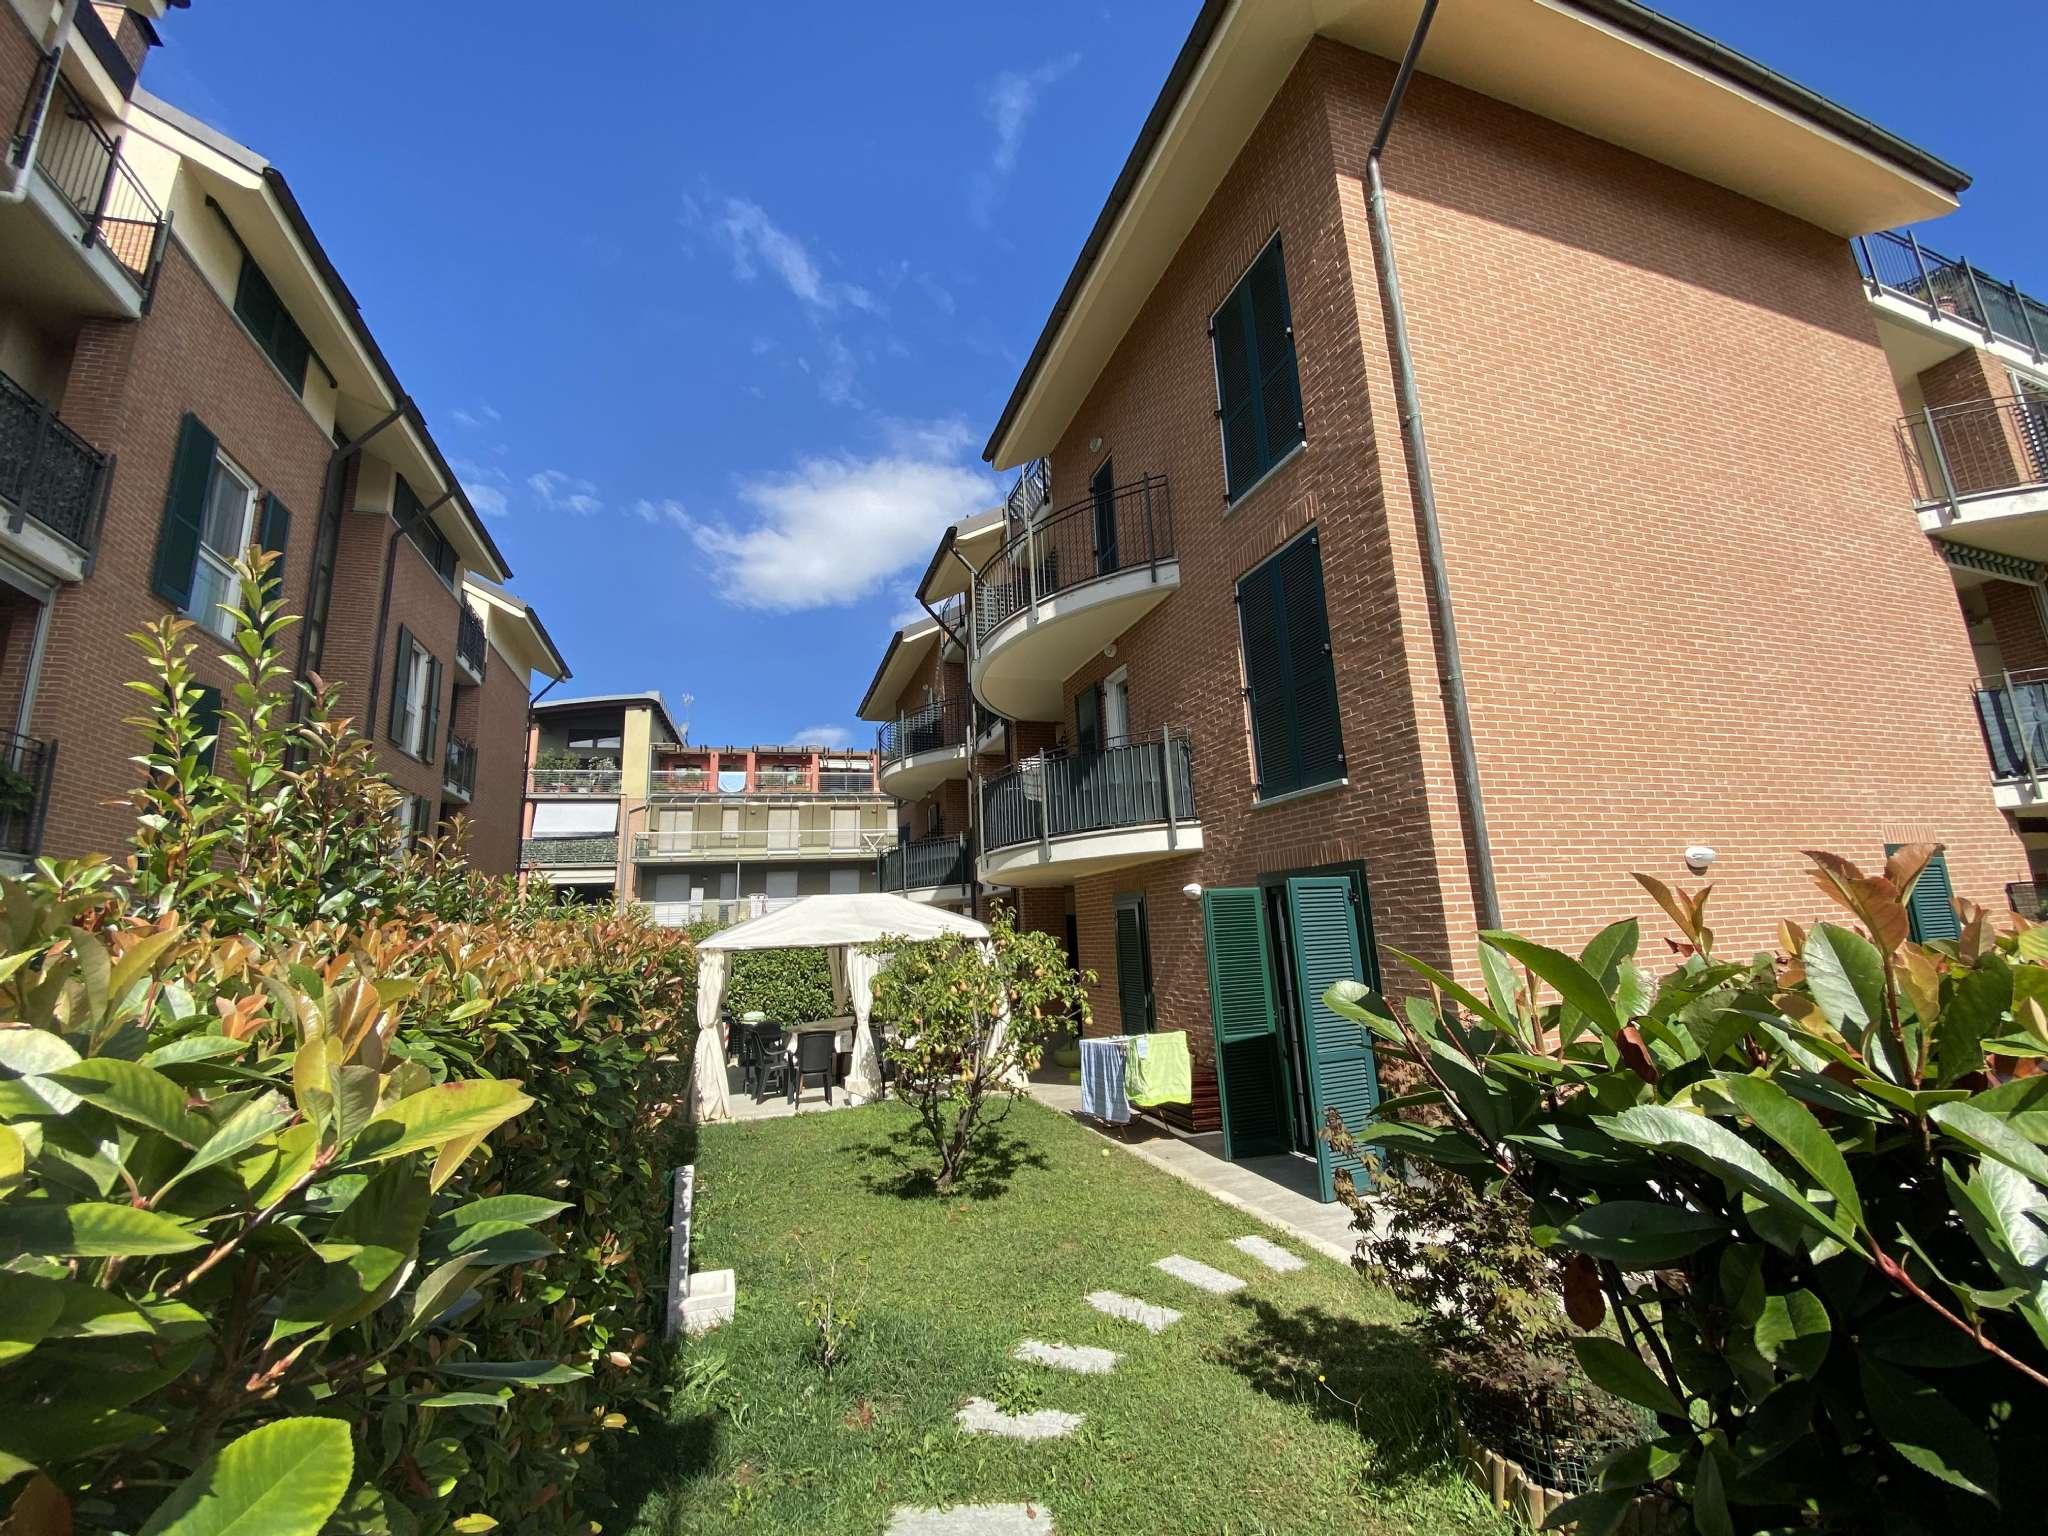 Appartamento in vendita a Chieri, 2 locali, prezzo € 60.000   PortaleAgenzieImmobiliari.it